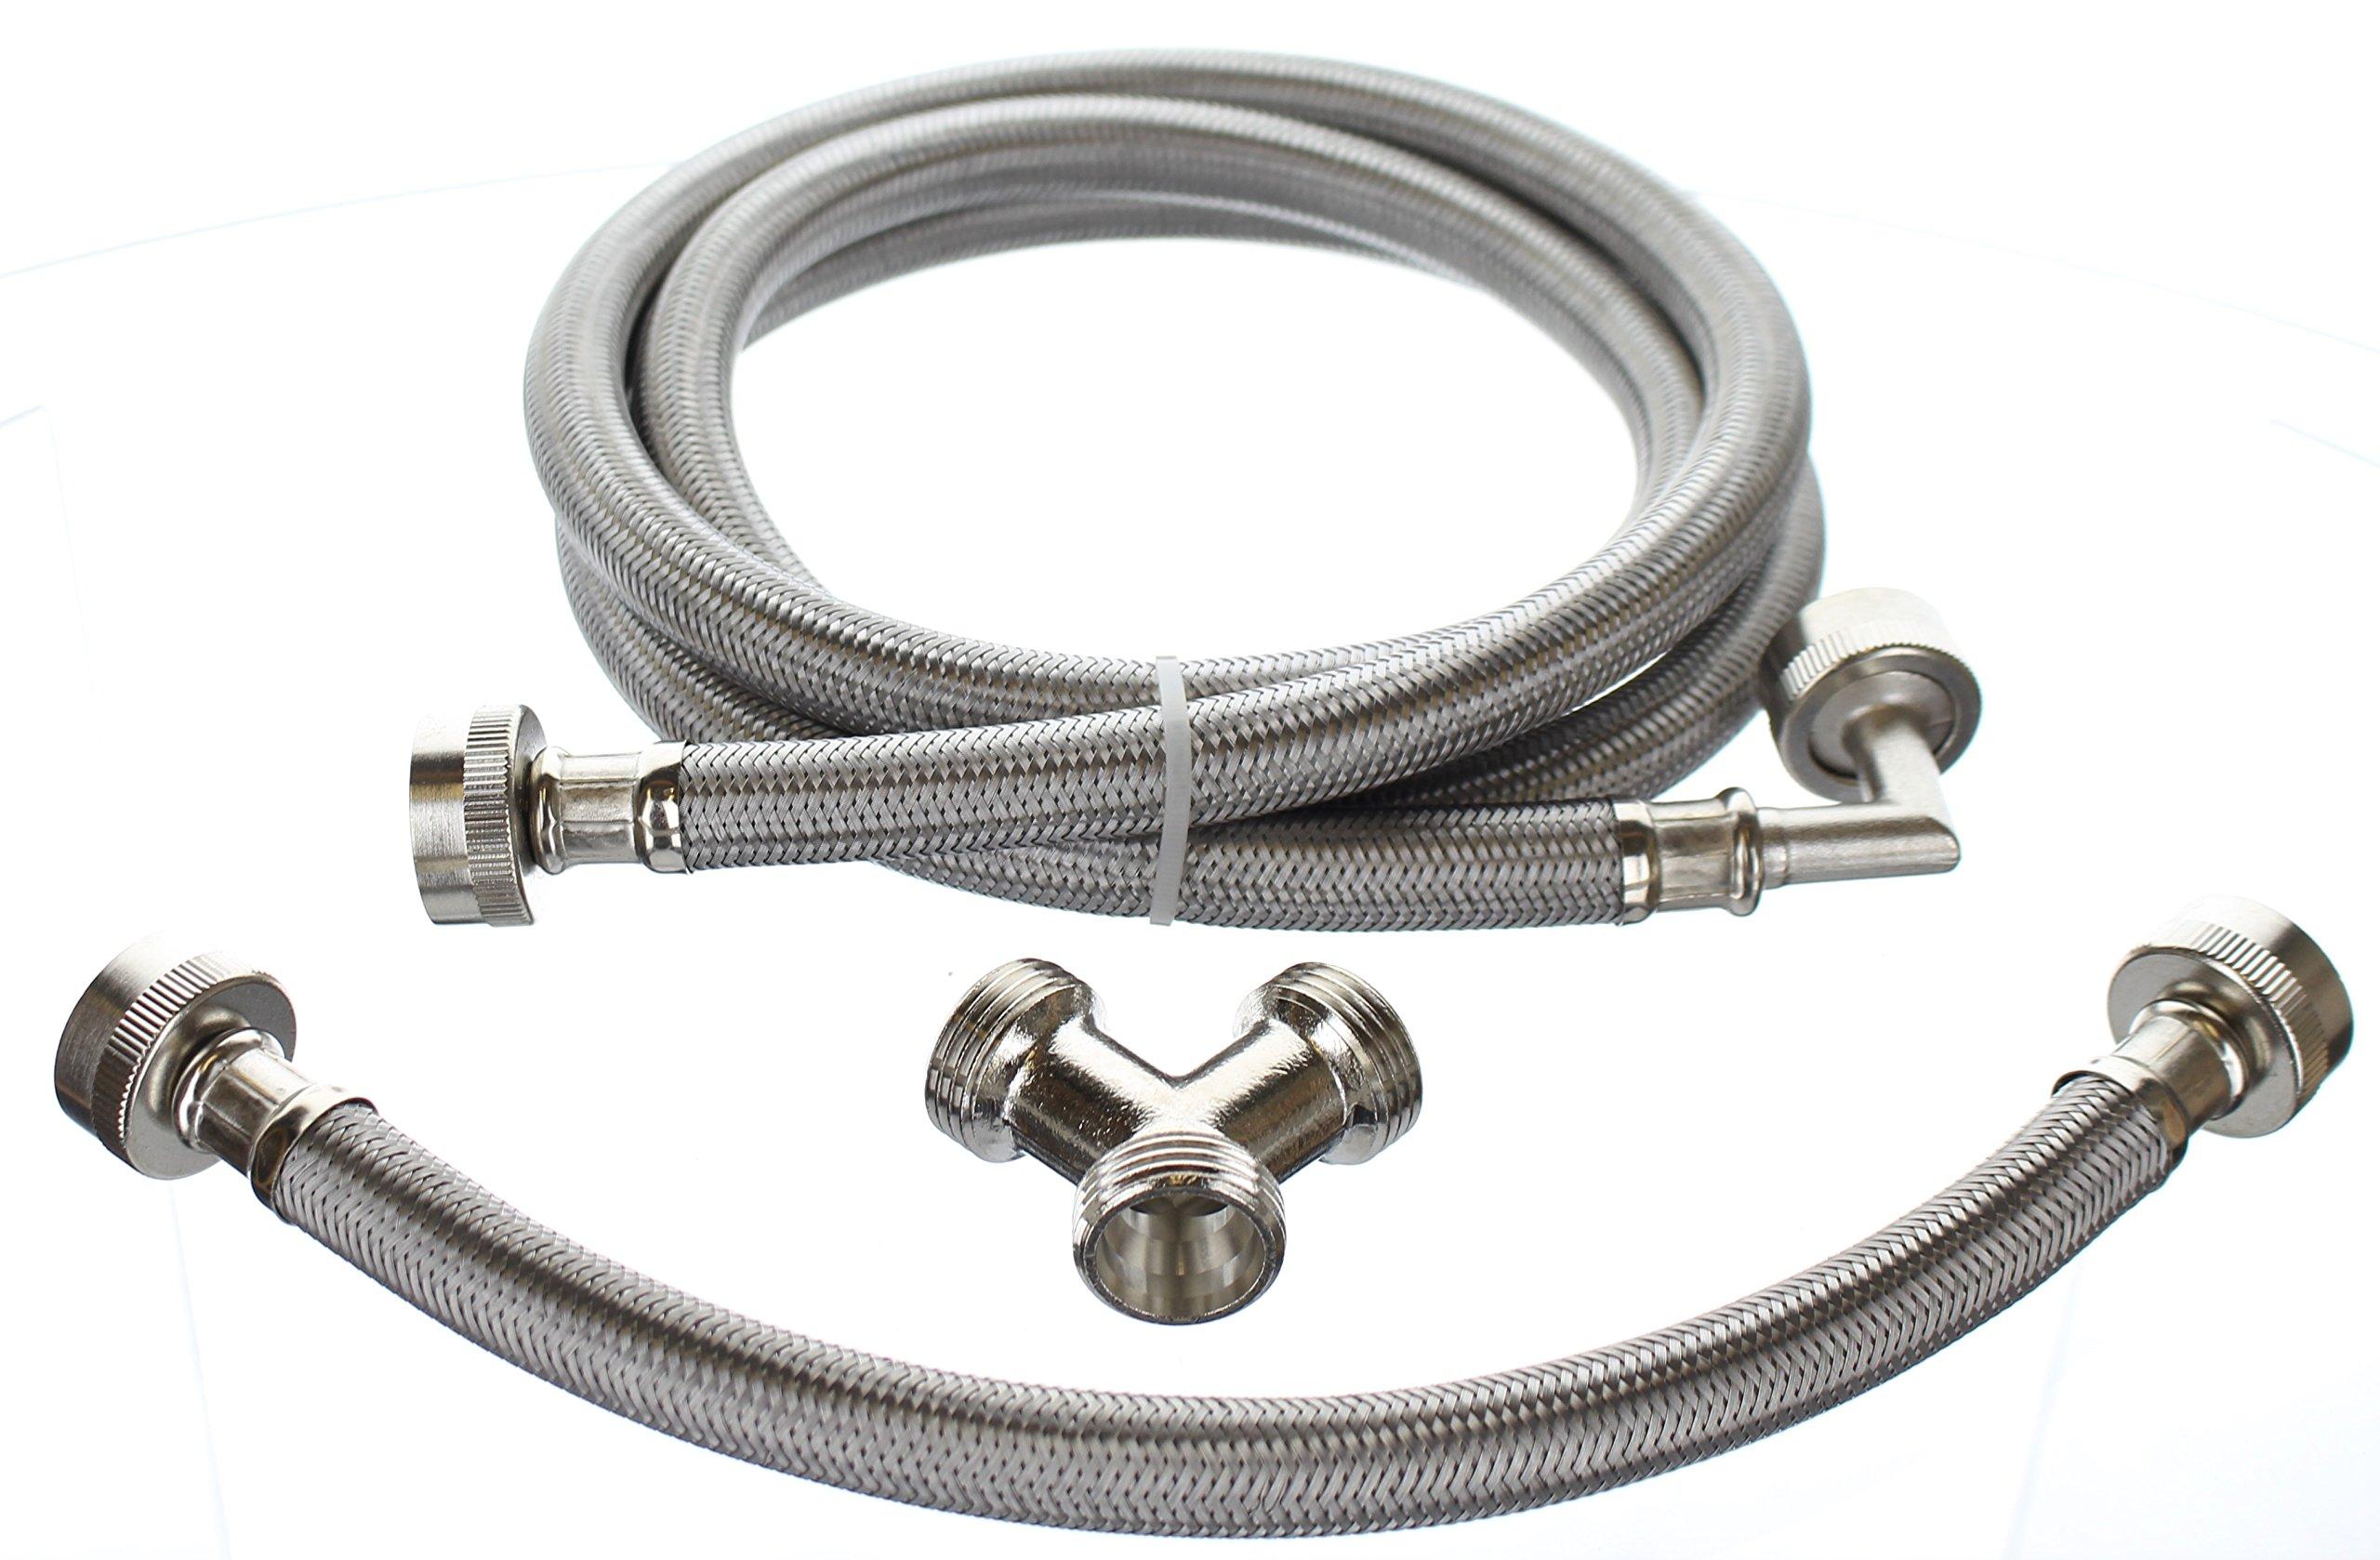 Premium Steam-Dryer Installation Kit - Braided Stainless Steel, 6 ft